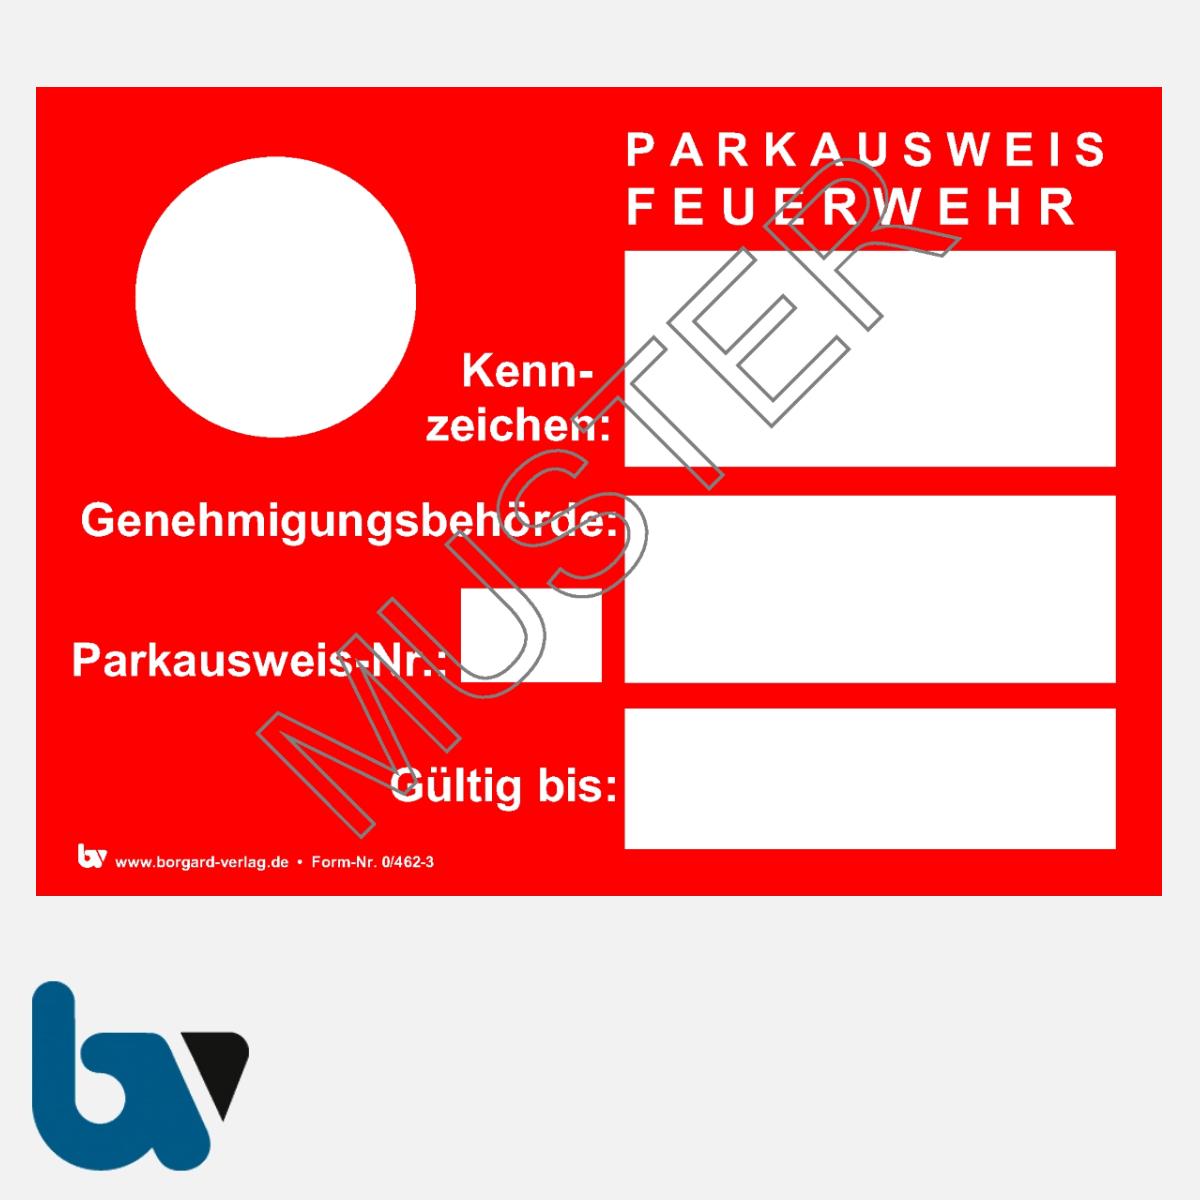 0/462-3 Parkausweis Feuerwehr Fahrzeug Einsatz Kennzeichen Karton DIN A6 | Borgard Verlag GmbH